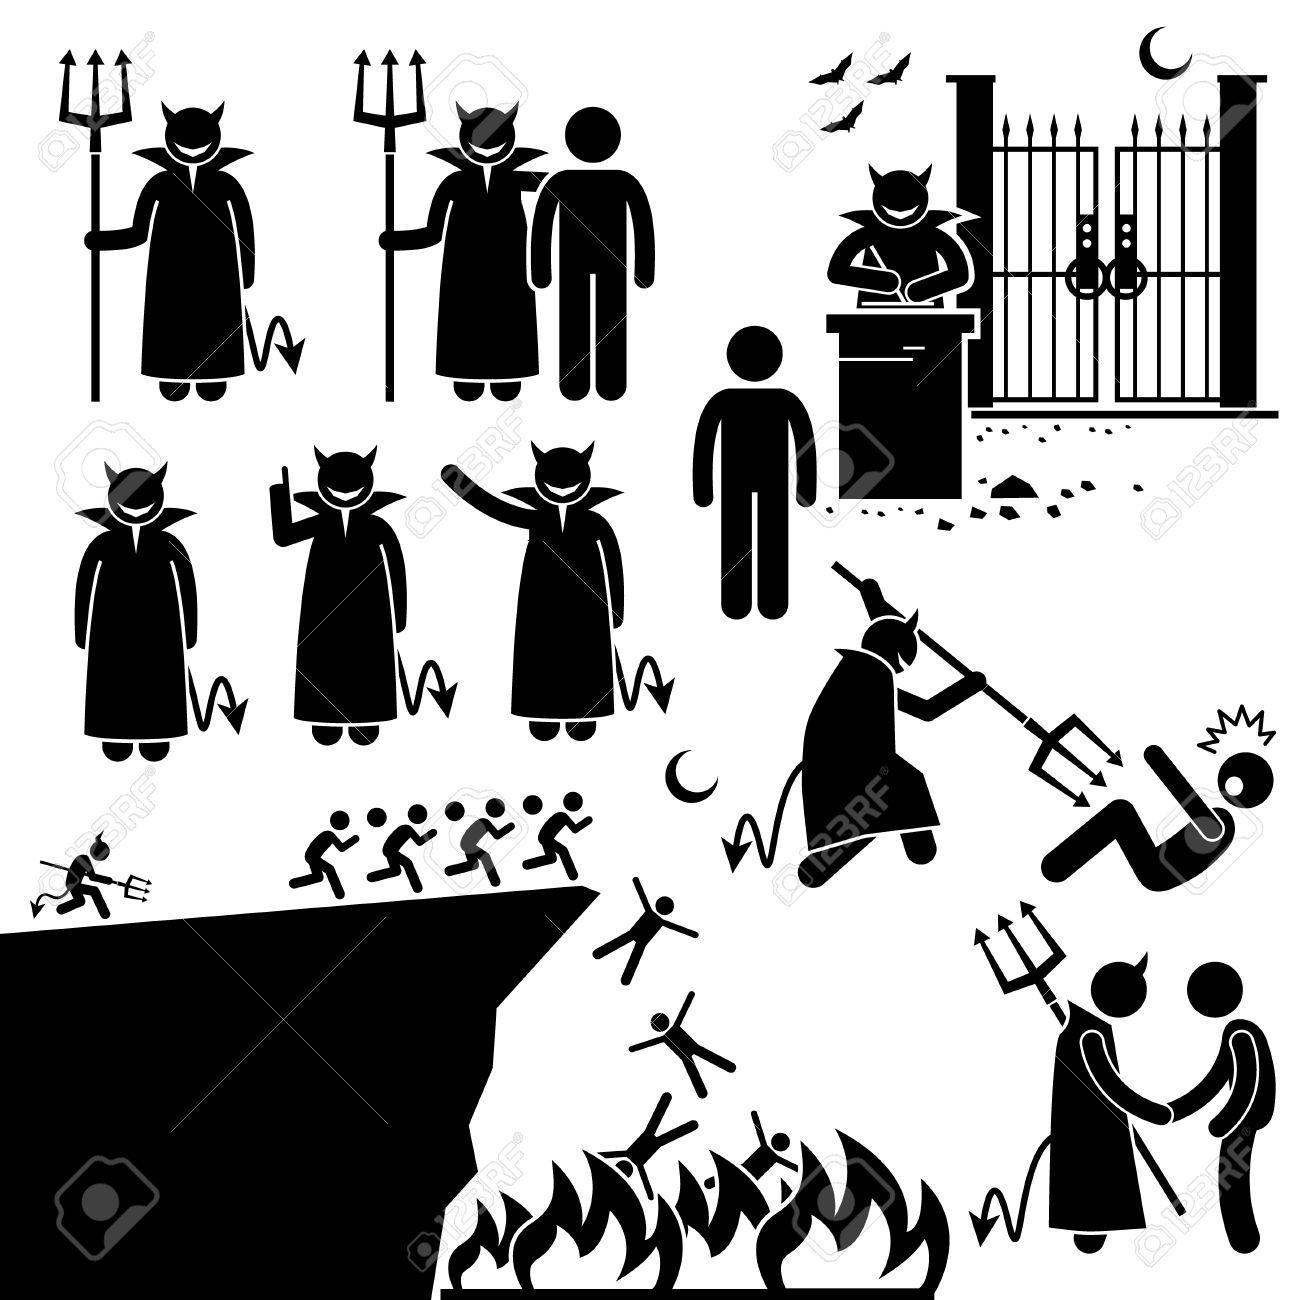 Diablo Demonio Satanás Infierno Underworld Figura Stick Pictograma ...